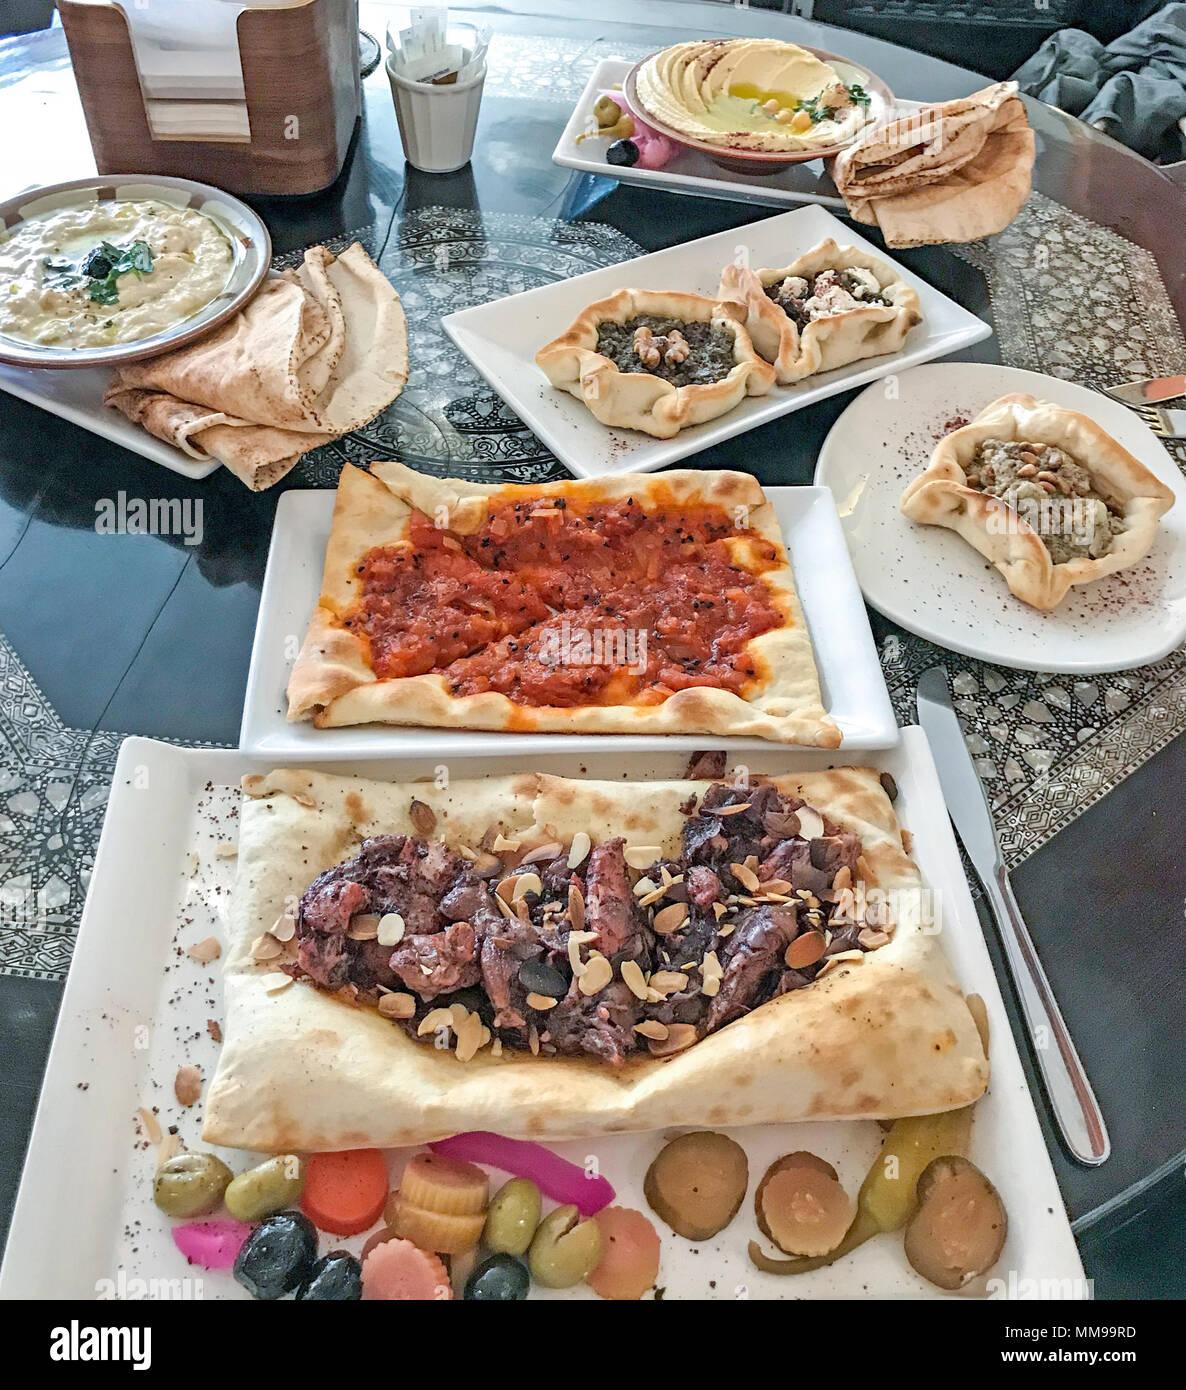 Laden Sie dieses Alamy Stockfoto Eine Vielzahl von syrischen Speisen und Gebäck, nahöstlichen Ursprungs - MM99RD